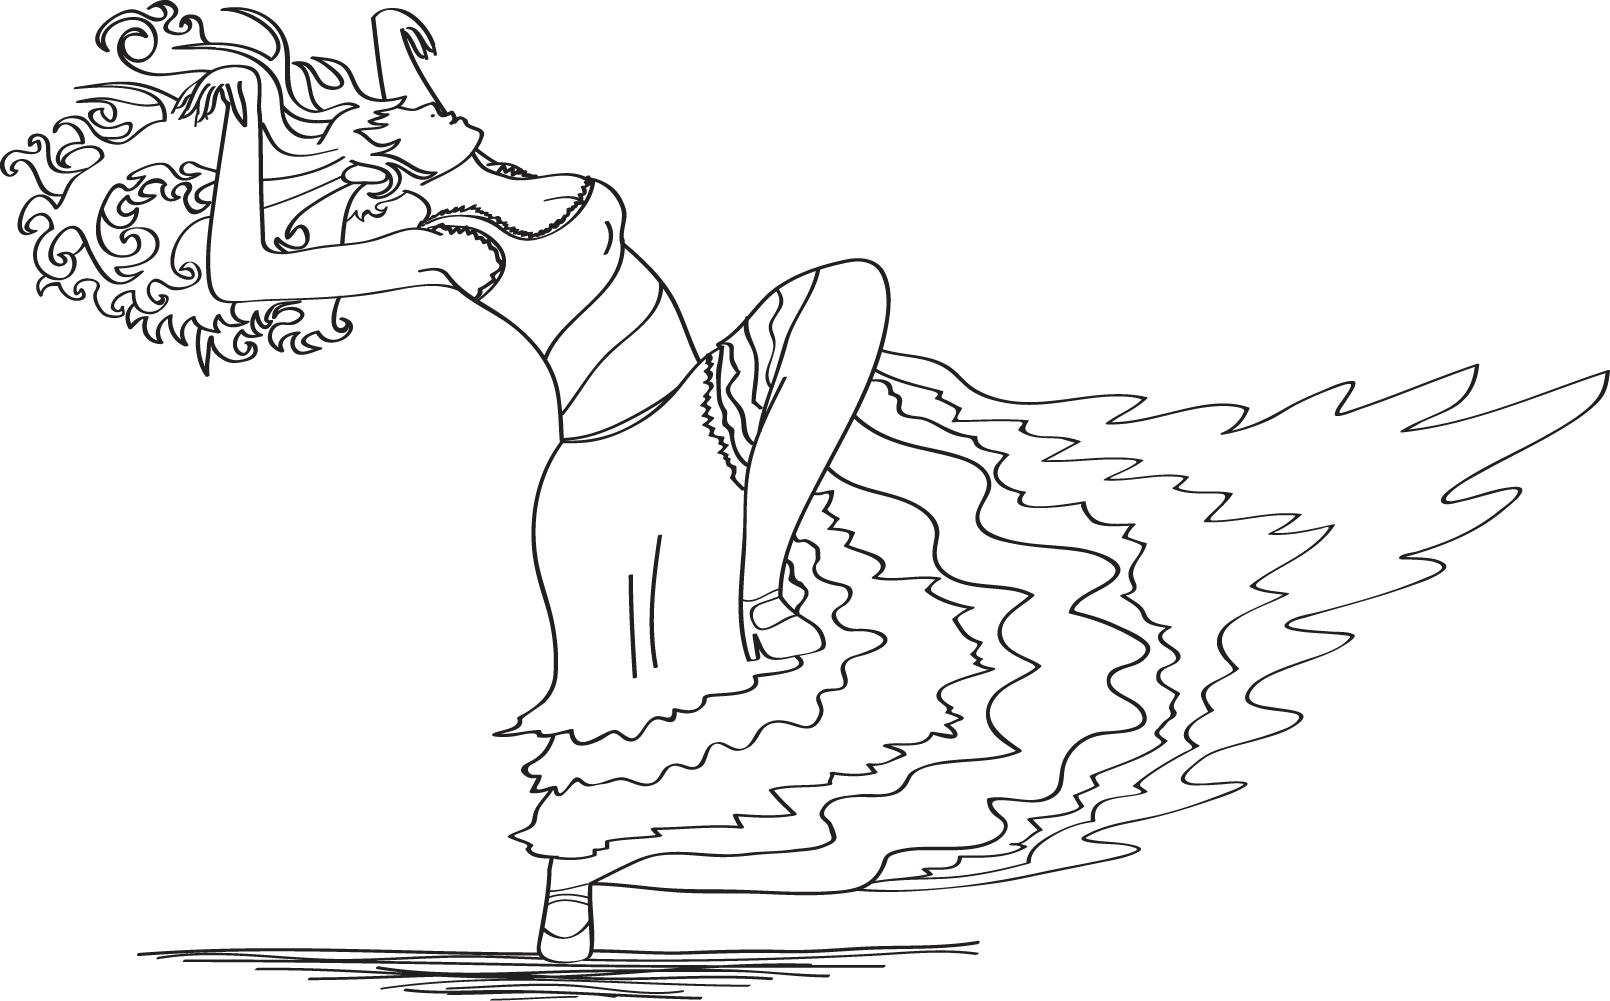 Flamenco by zlajonja